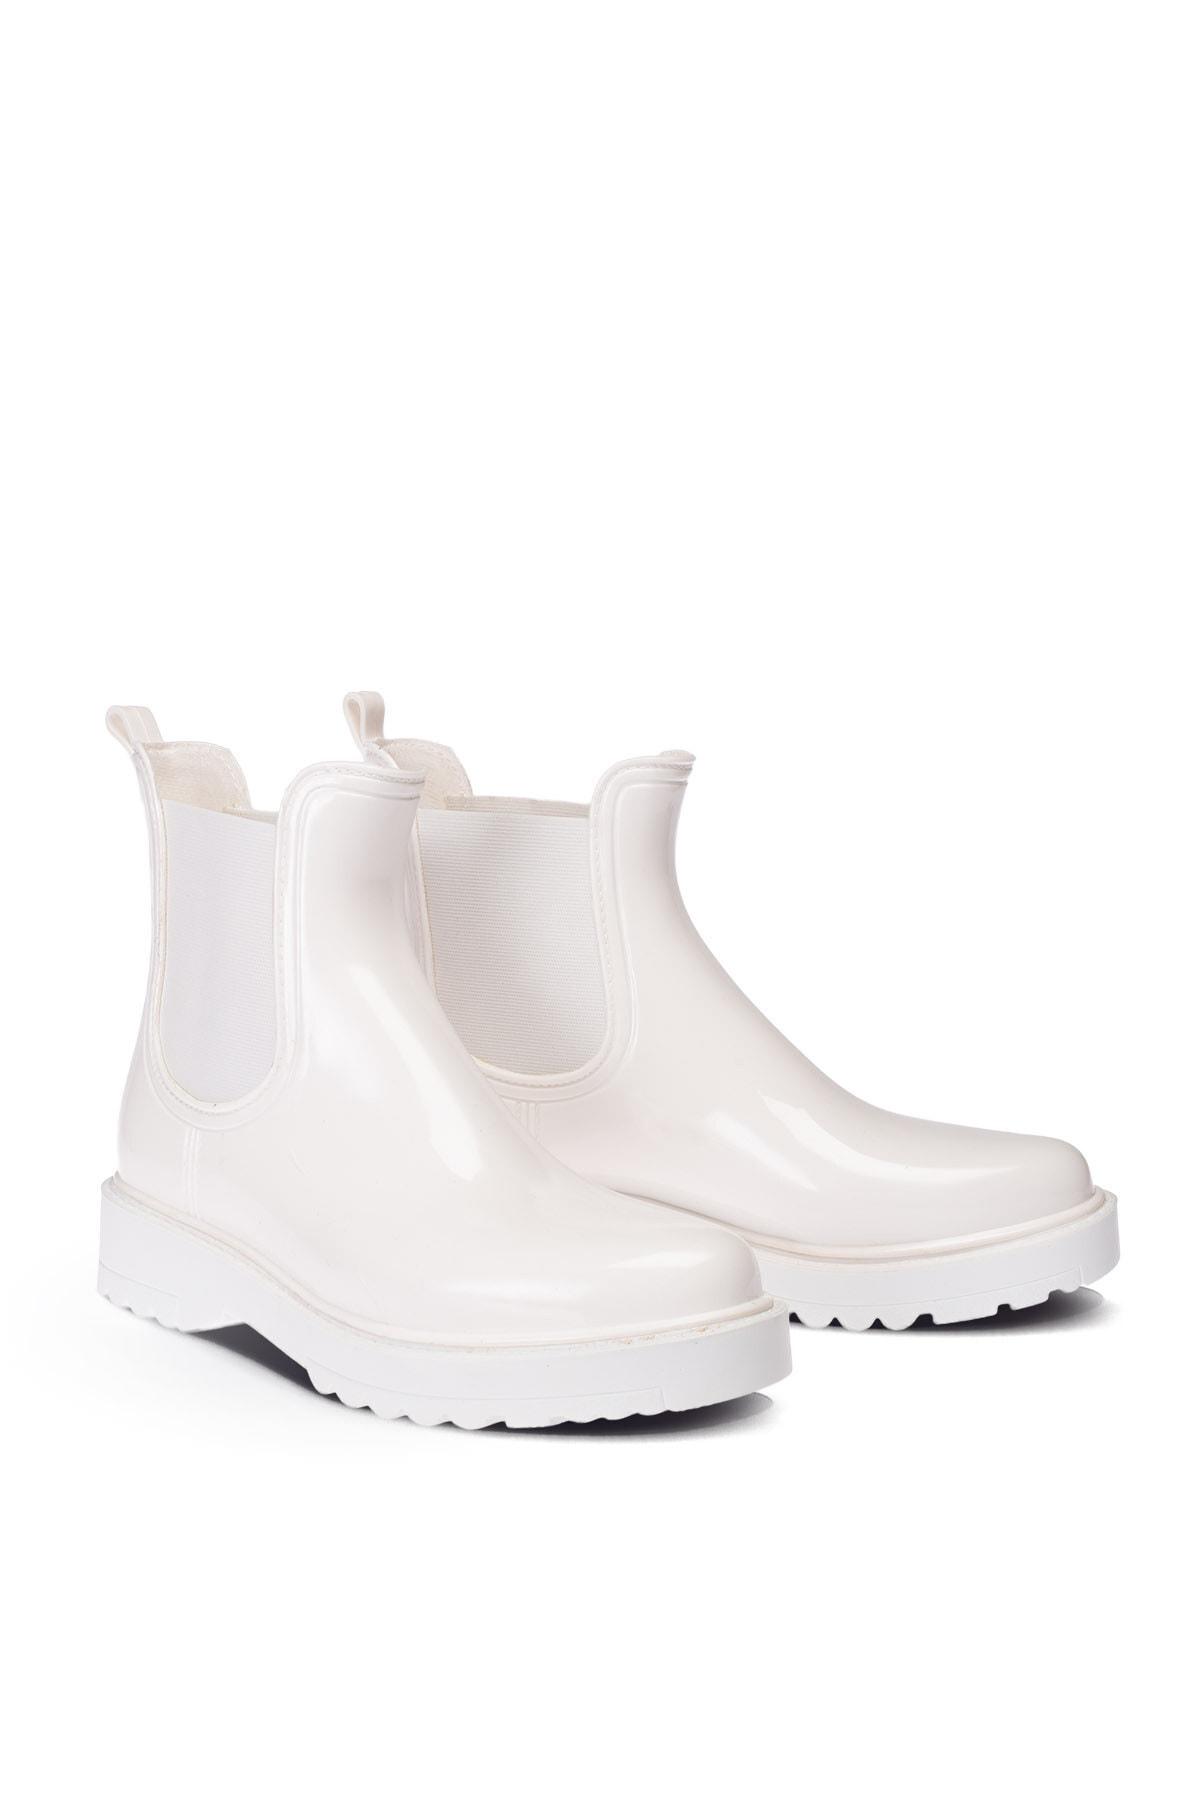 Deery Beyaz Kadın Yağmur Botu 2